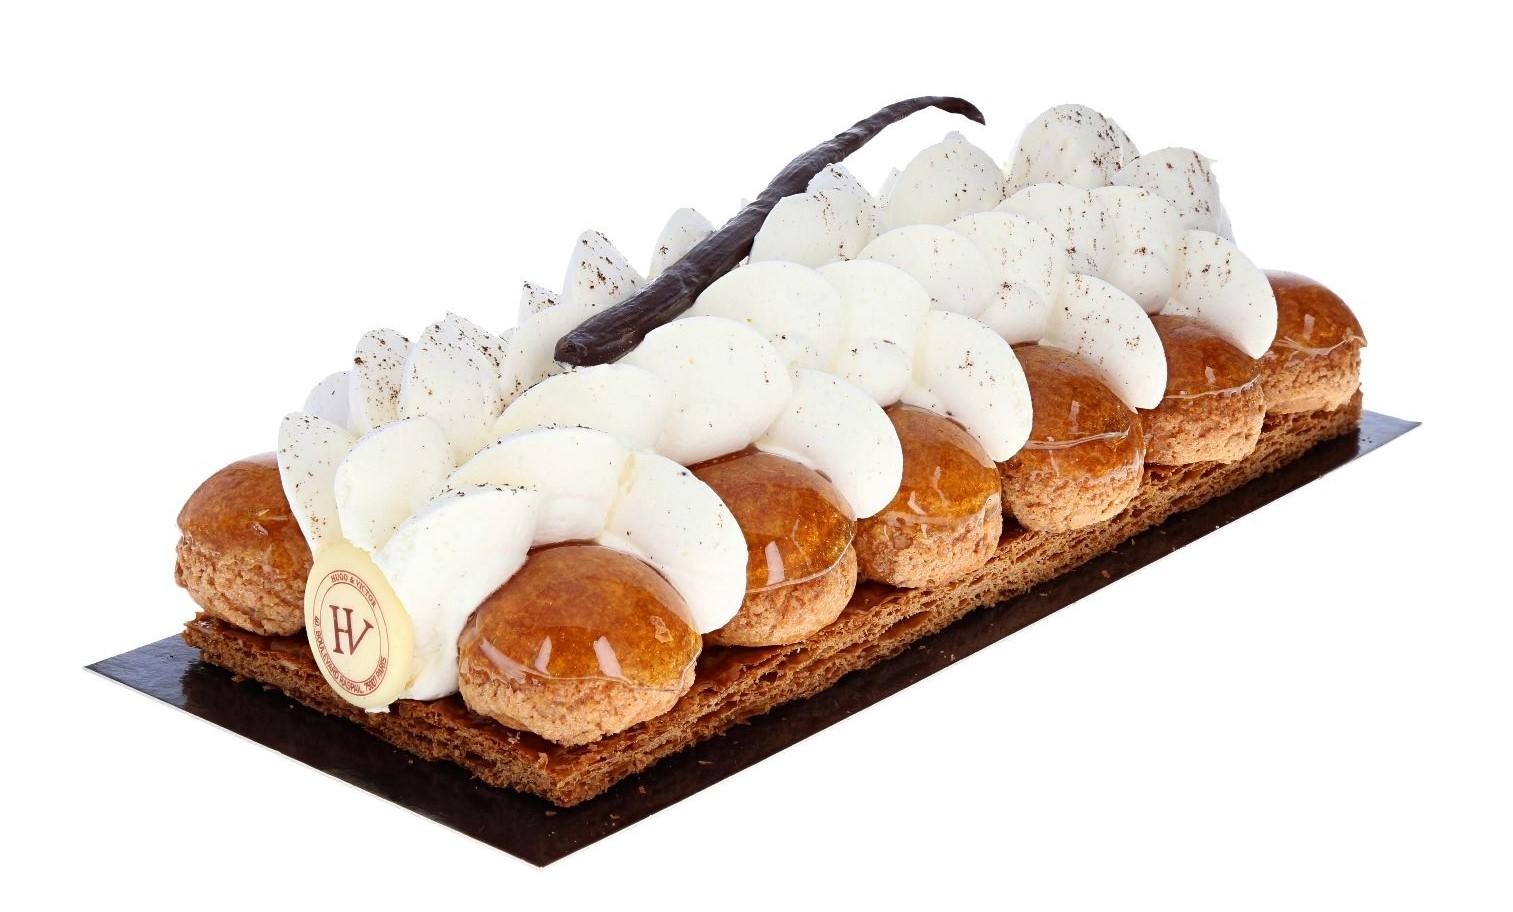 fotograferen van gebakje op witte achtergrond vóór automatisering